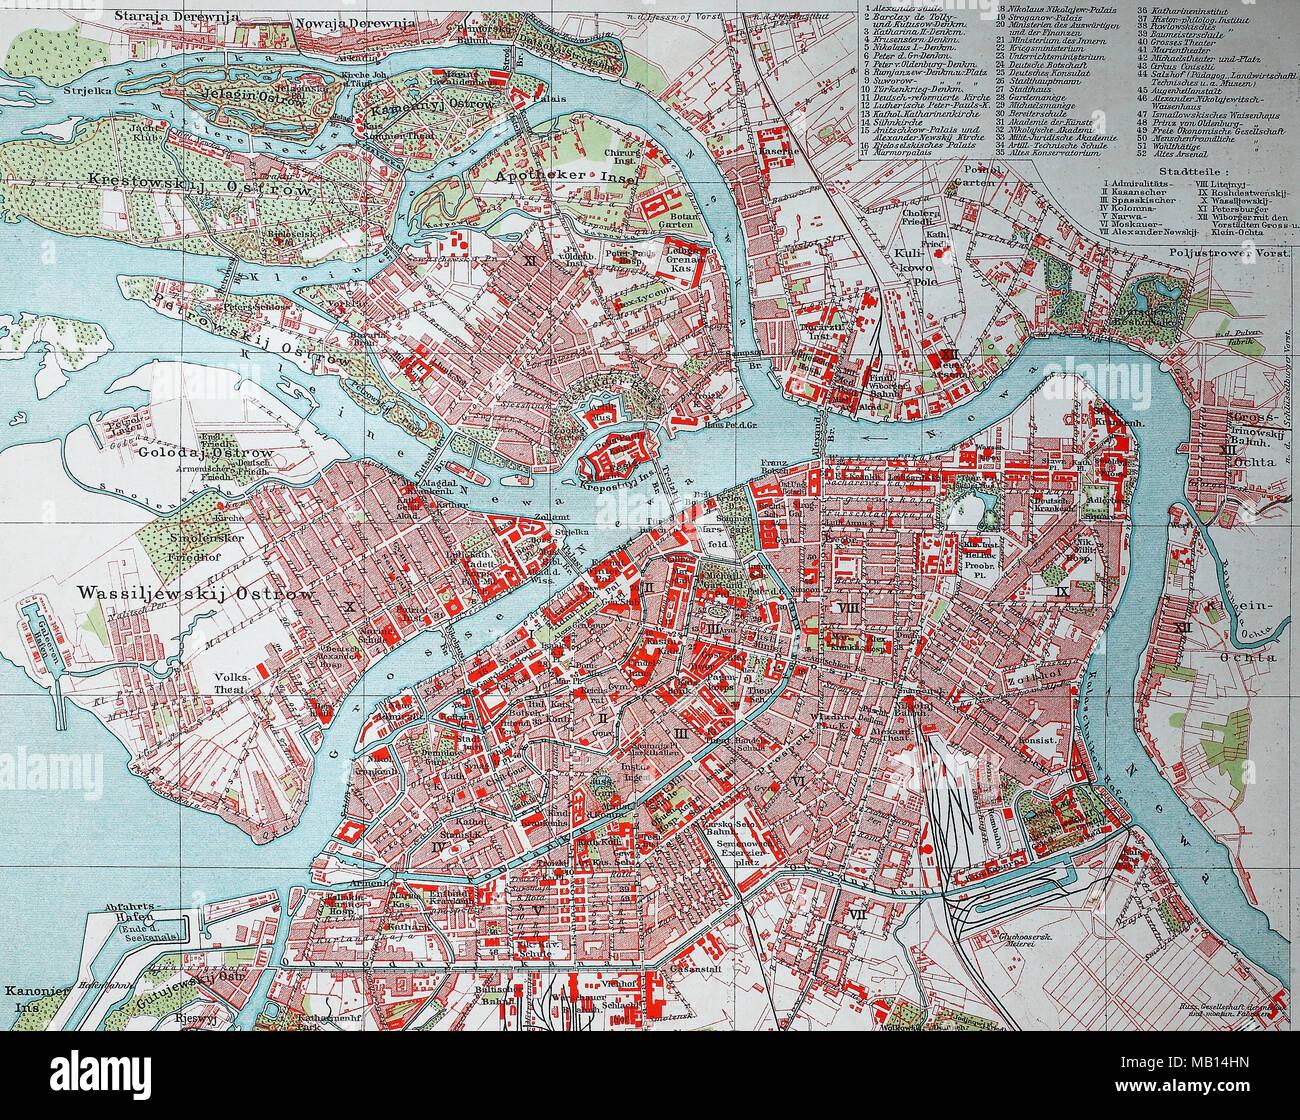 Stadtplan Von St Petersburg Russland 1895 Stadt Karte Von